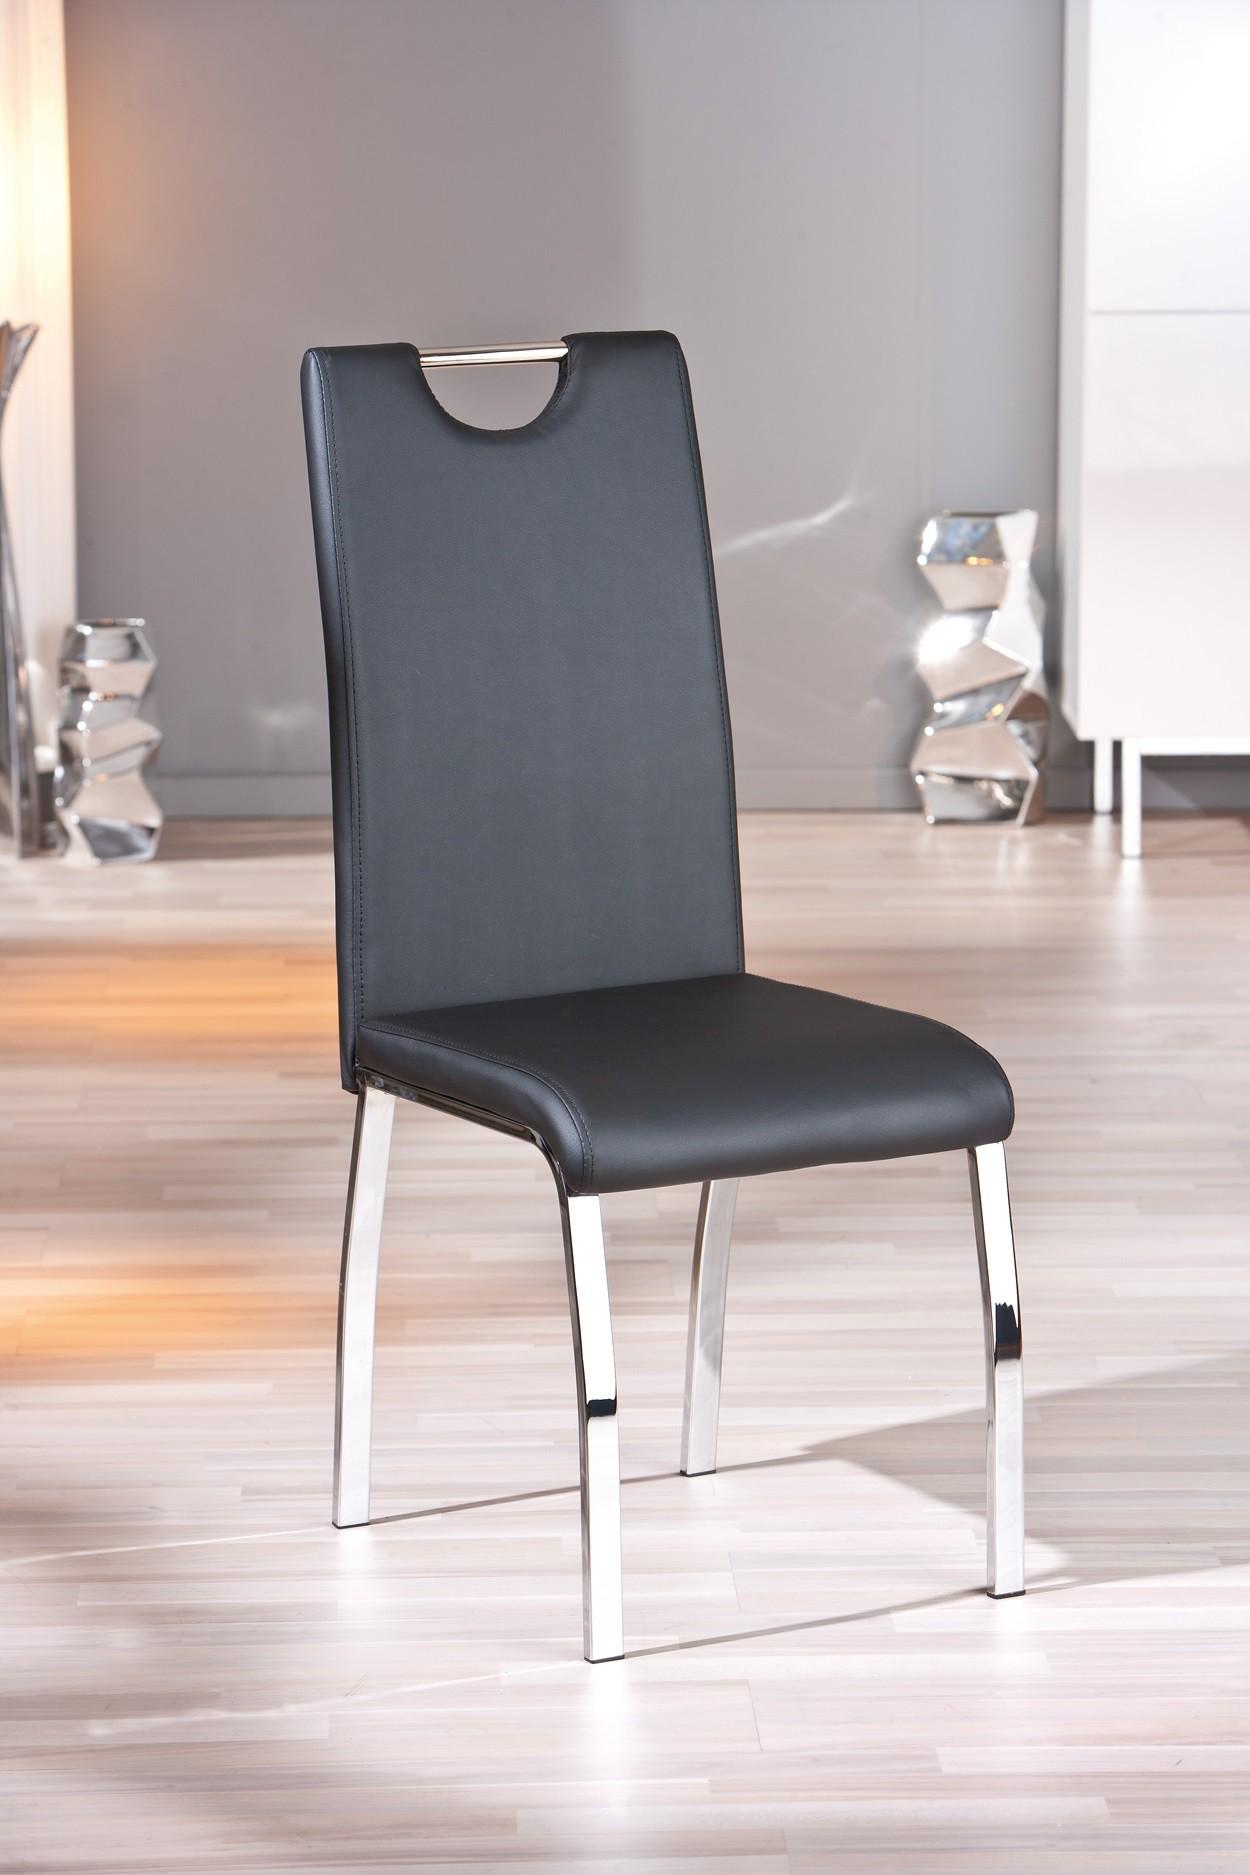 Emejing chaise de salle a manger moderne photos for Chaise de salle a manger moderne